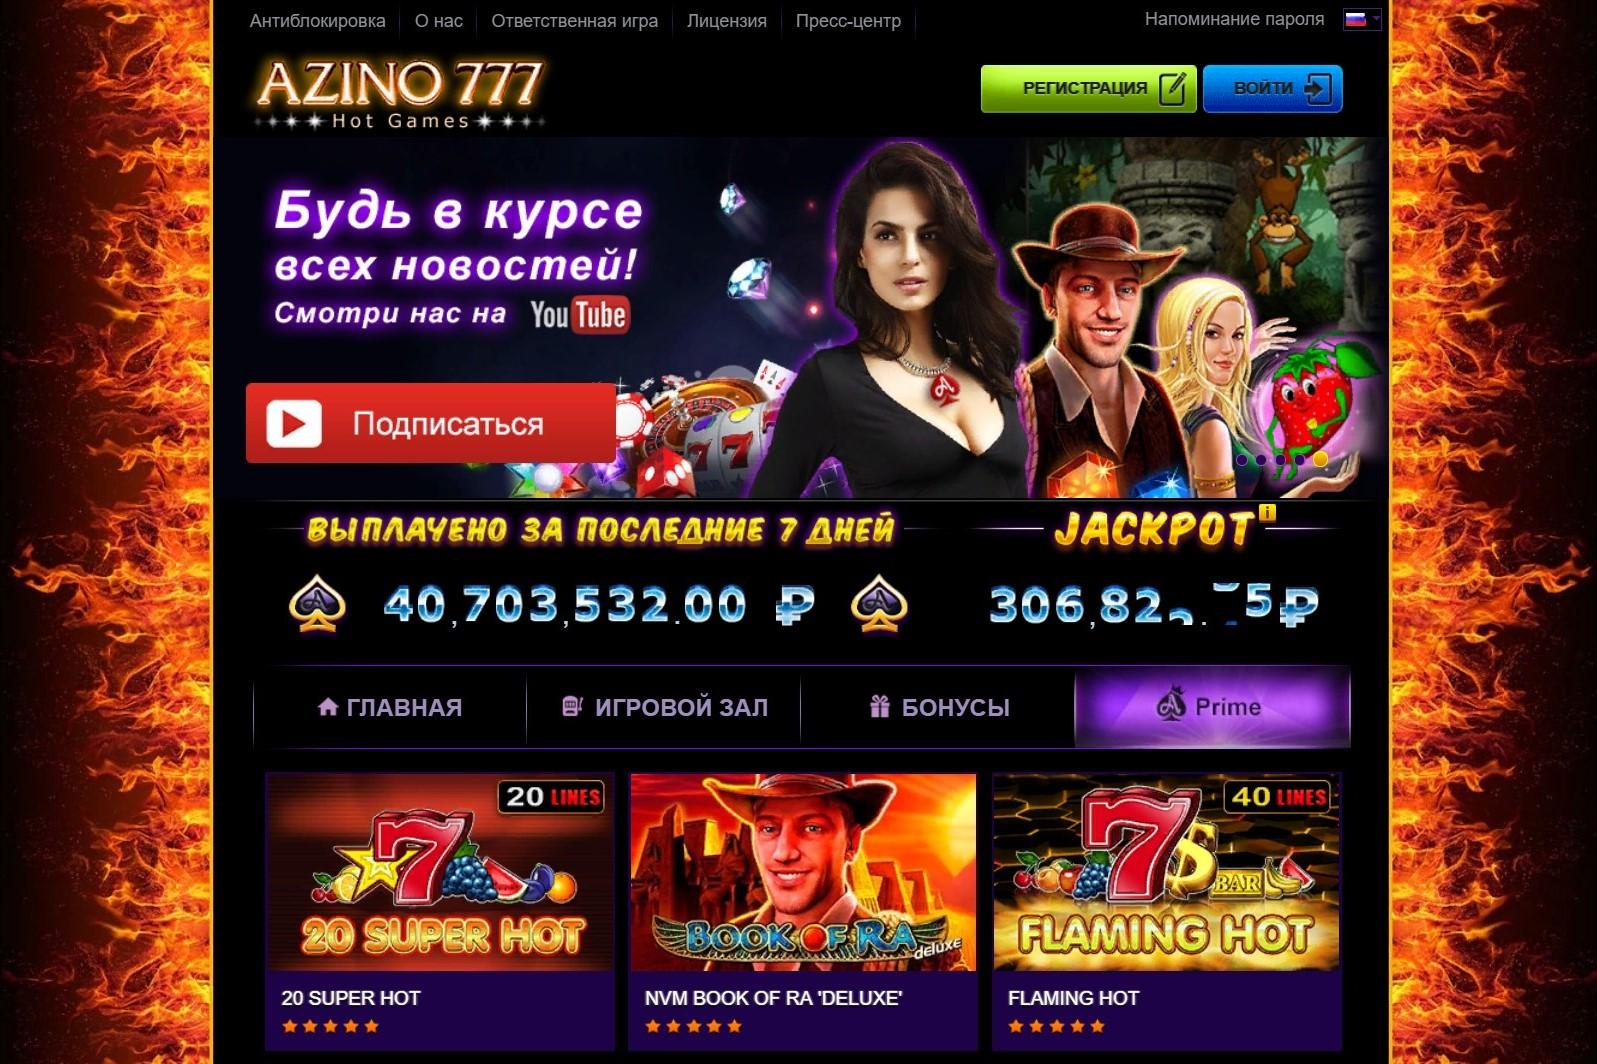 Игра в онлайн казино Azino777